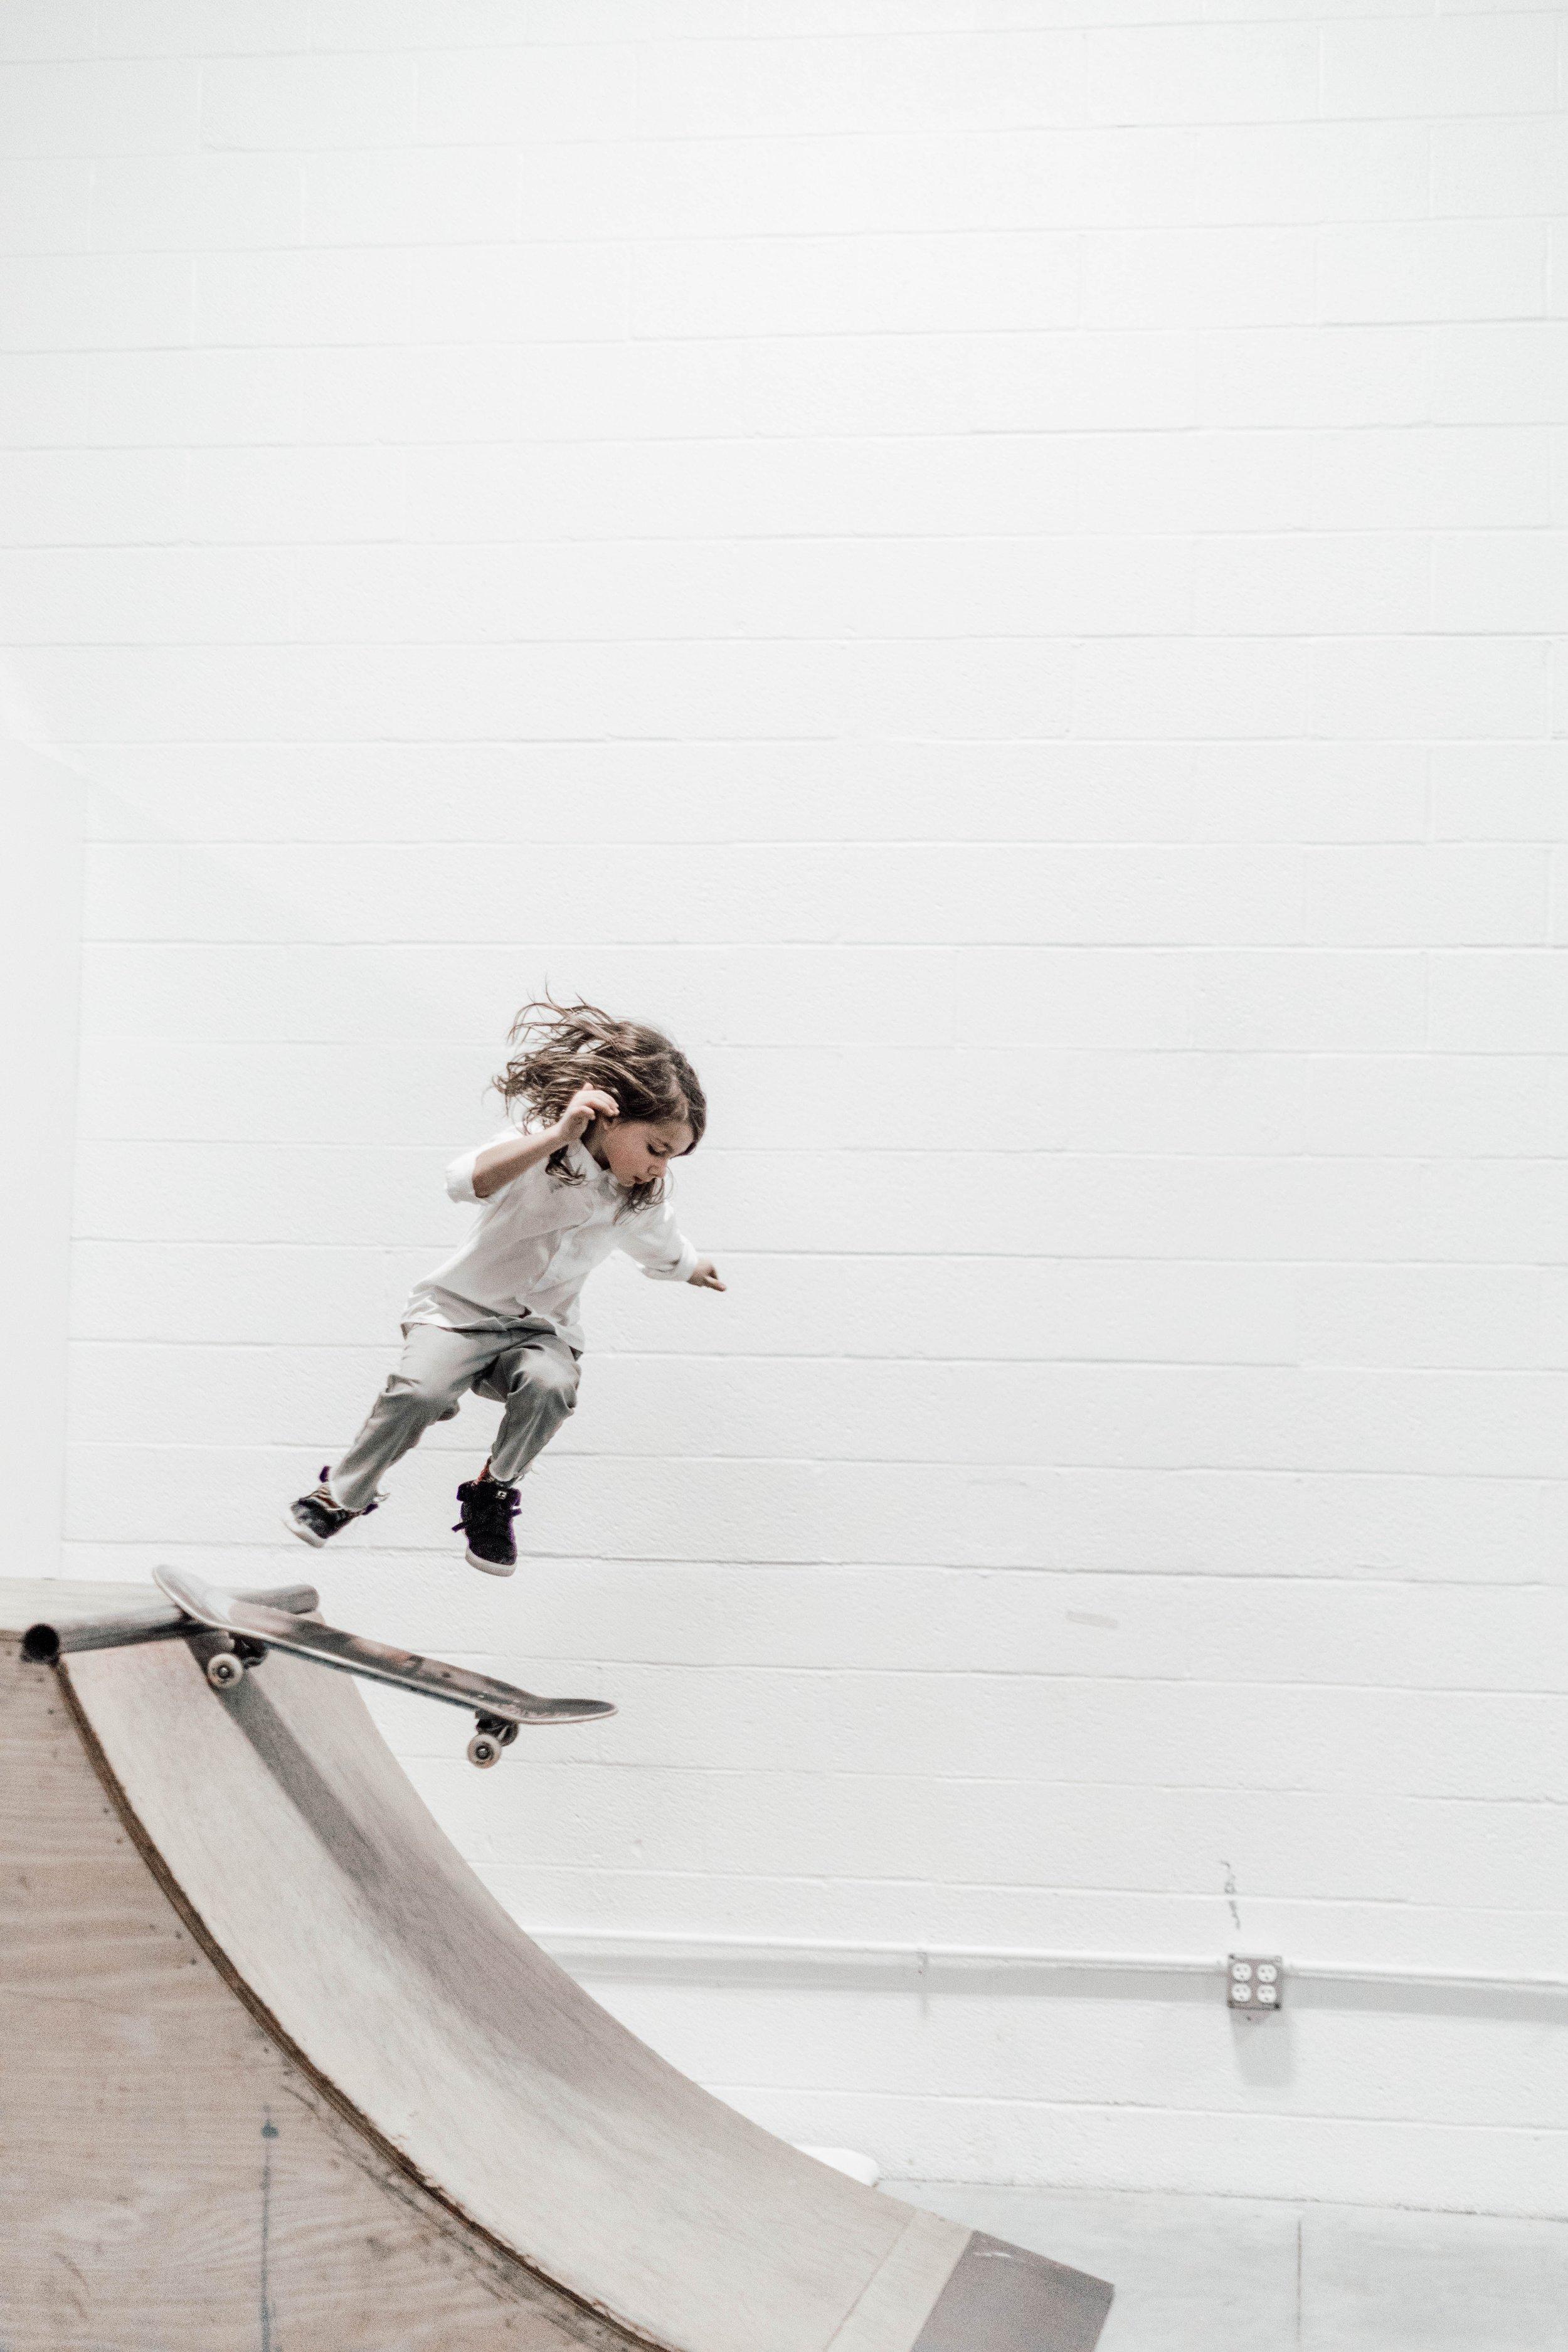 Kid_SkateRamp.jpg